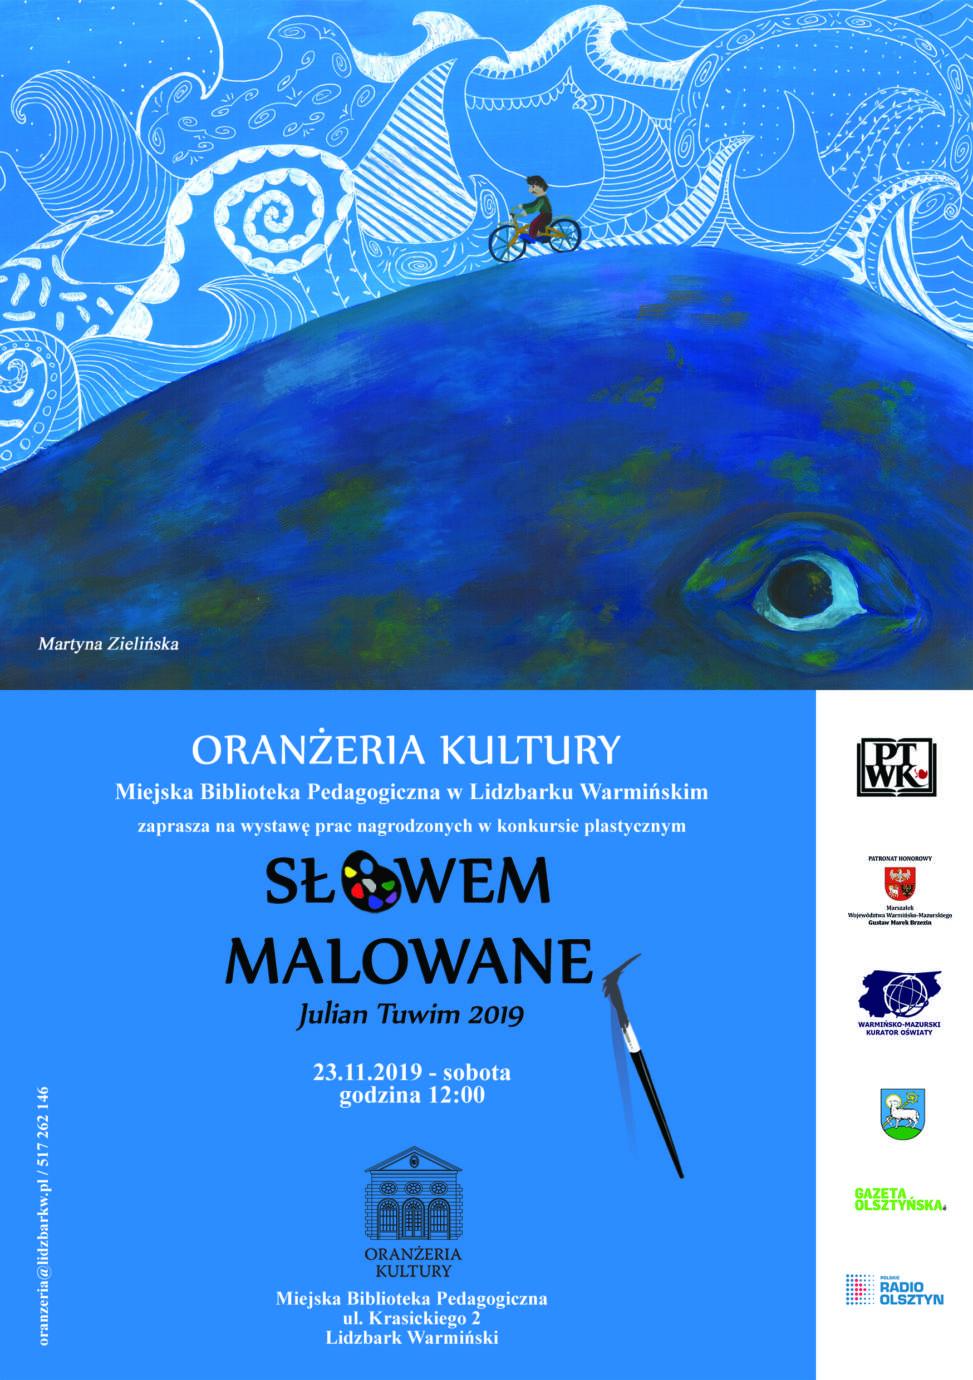 plakat zaproszenie slowem malowane Uczennice